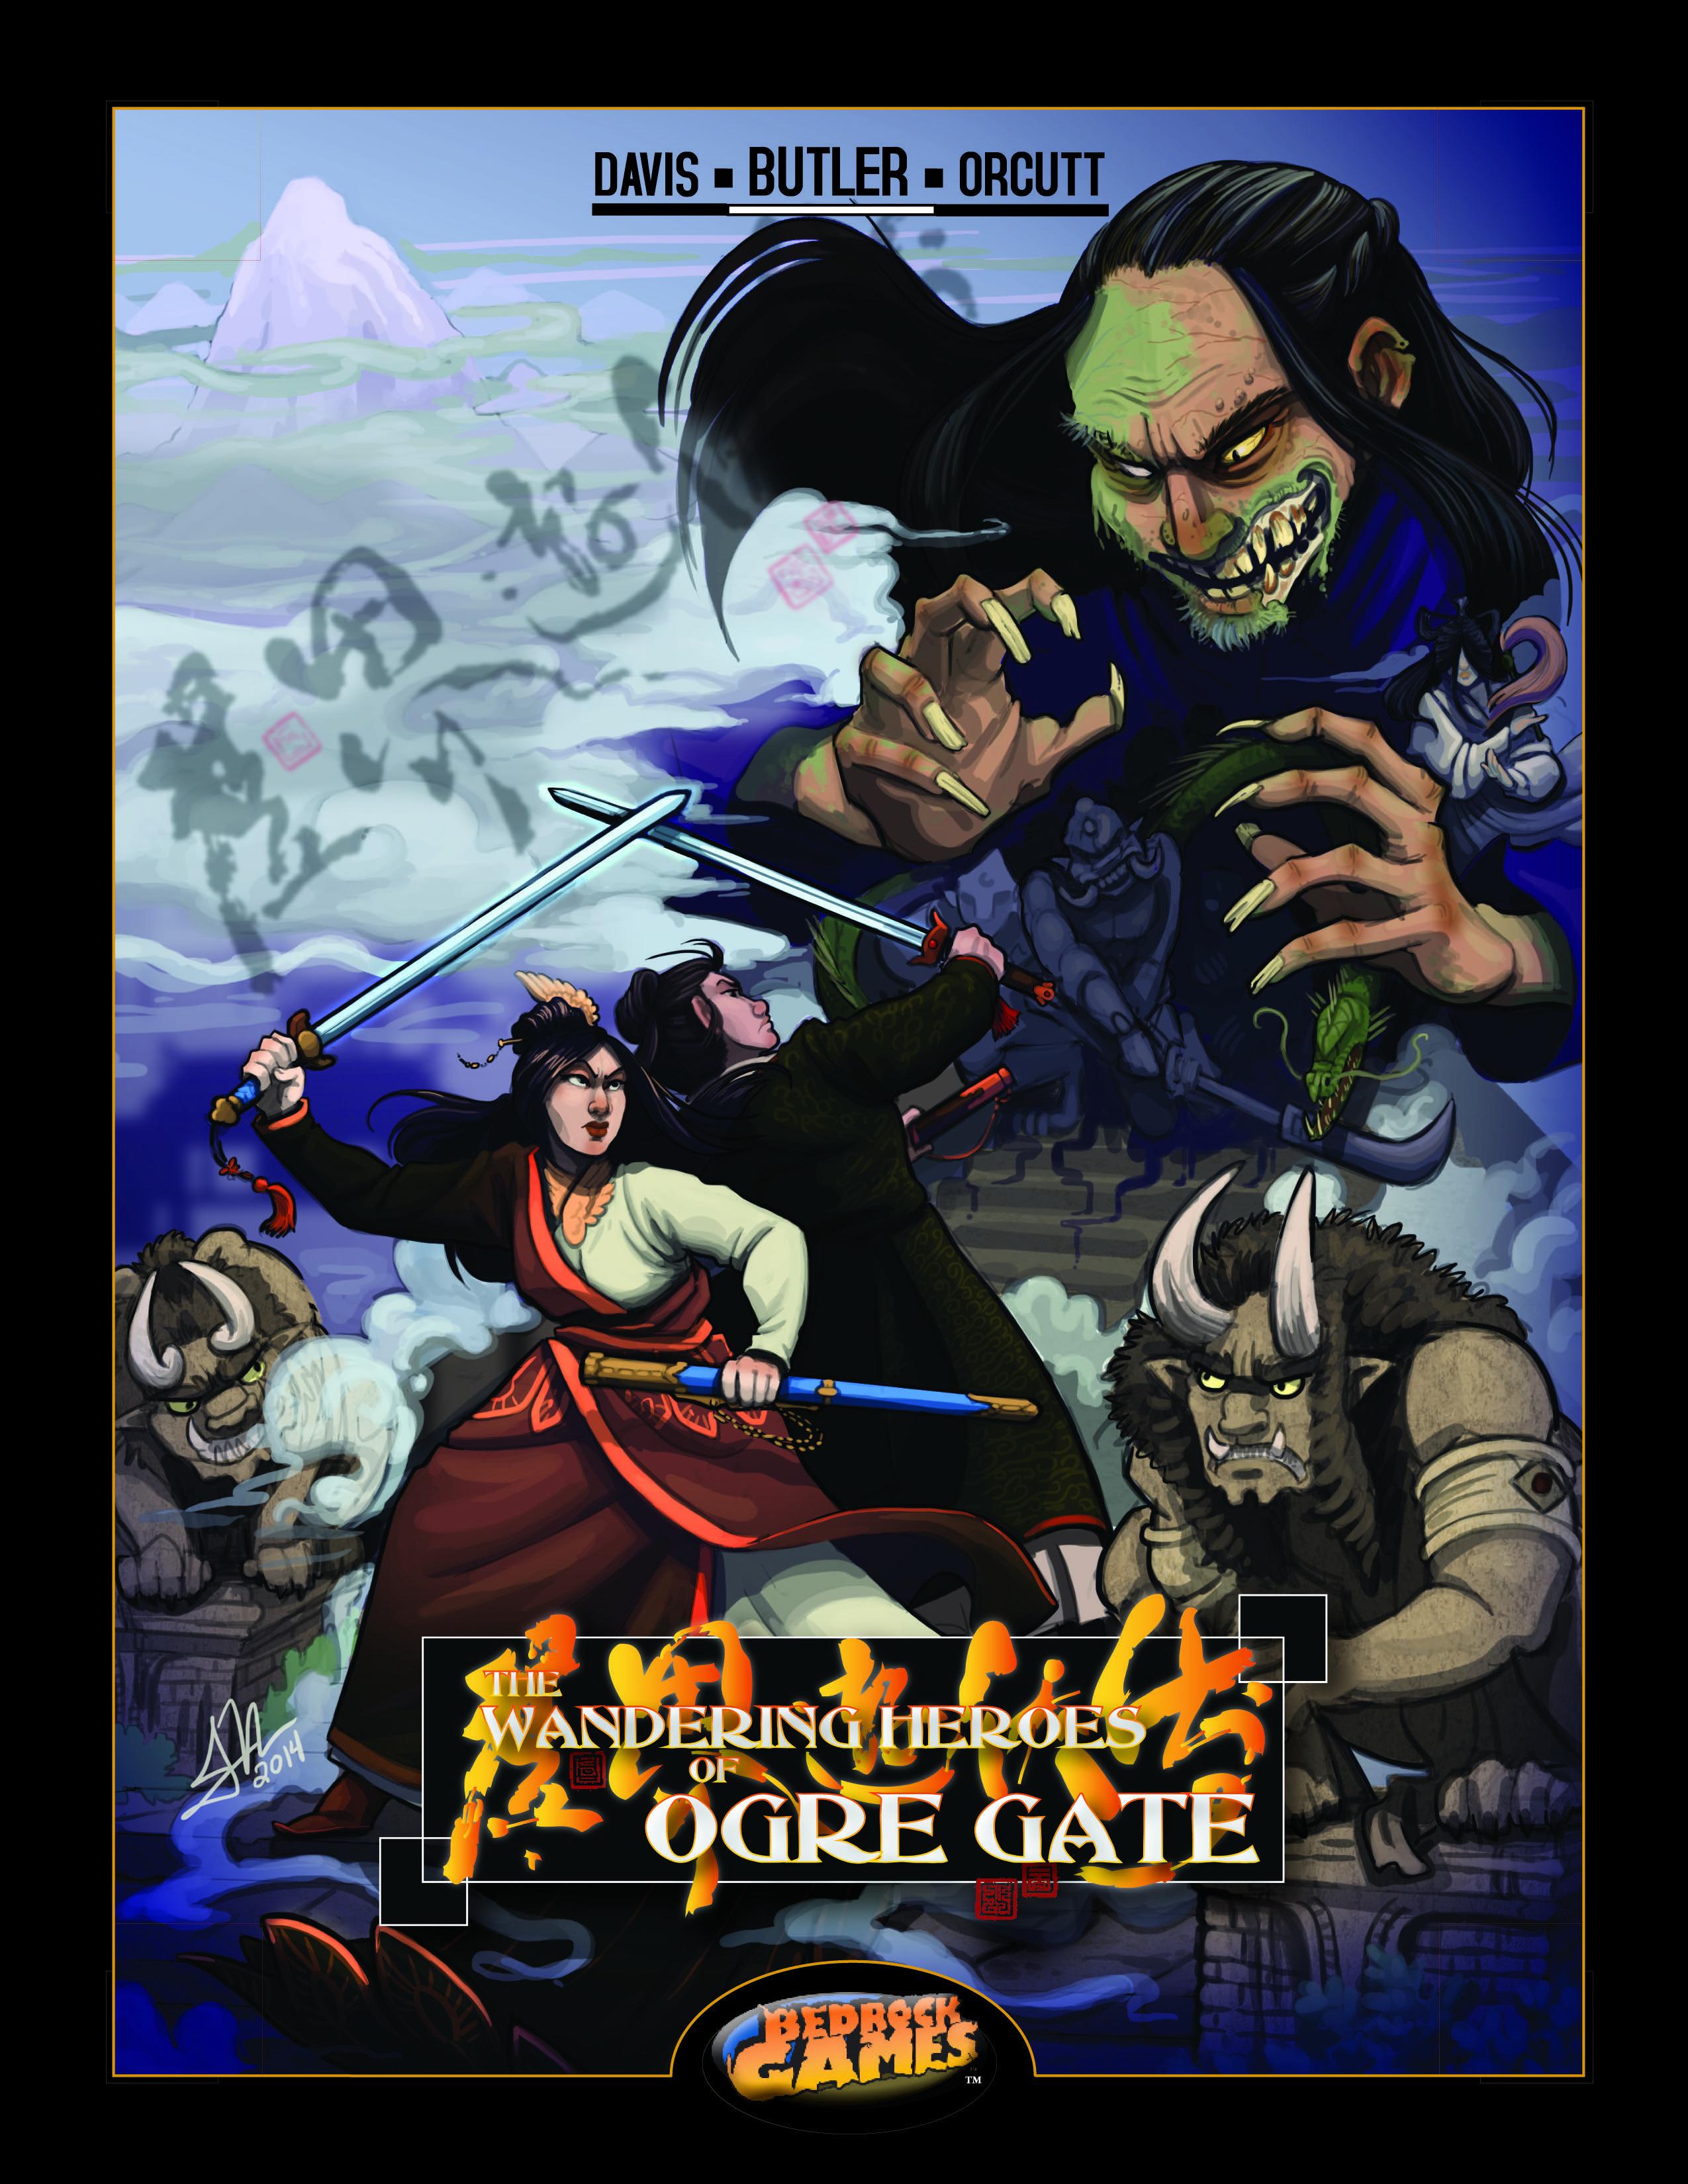 Wandering Heroes of Ogre Gate RPG (Image: Bedrock Games)